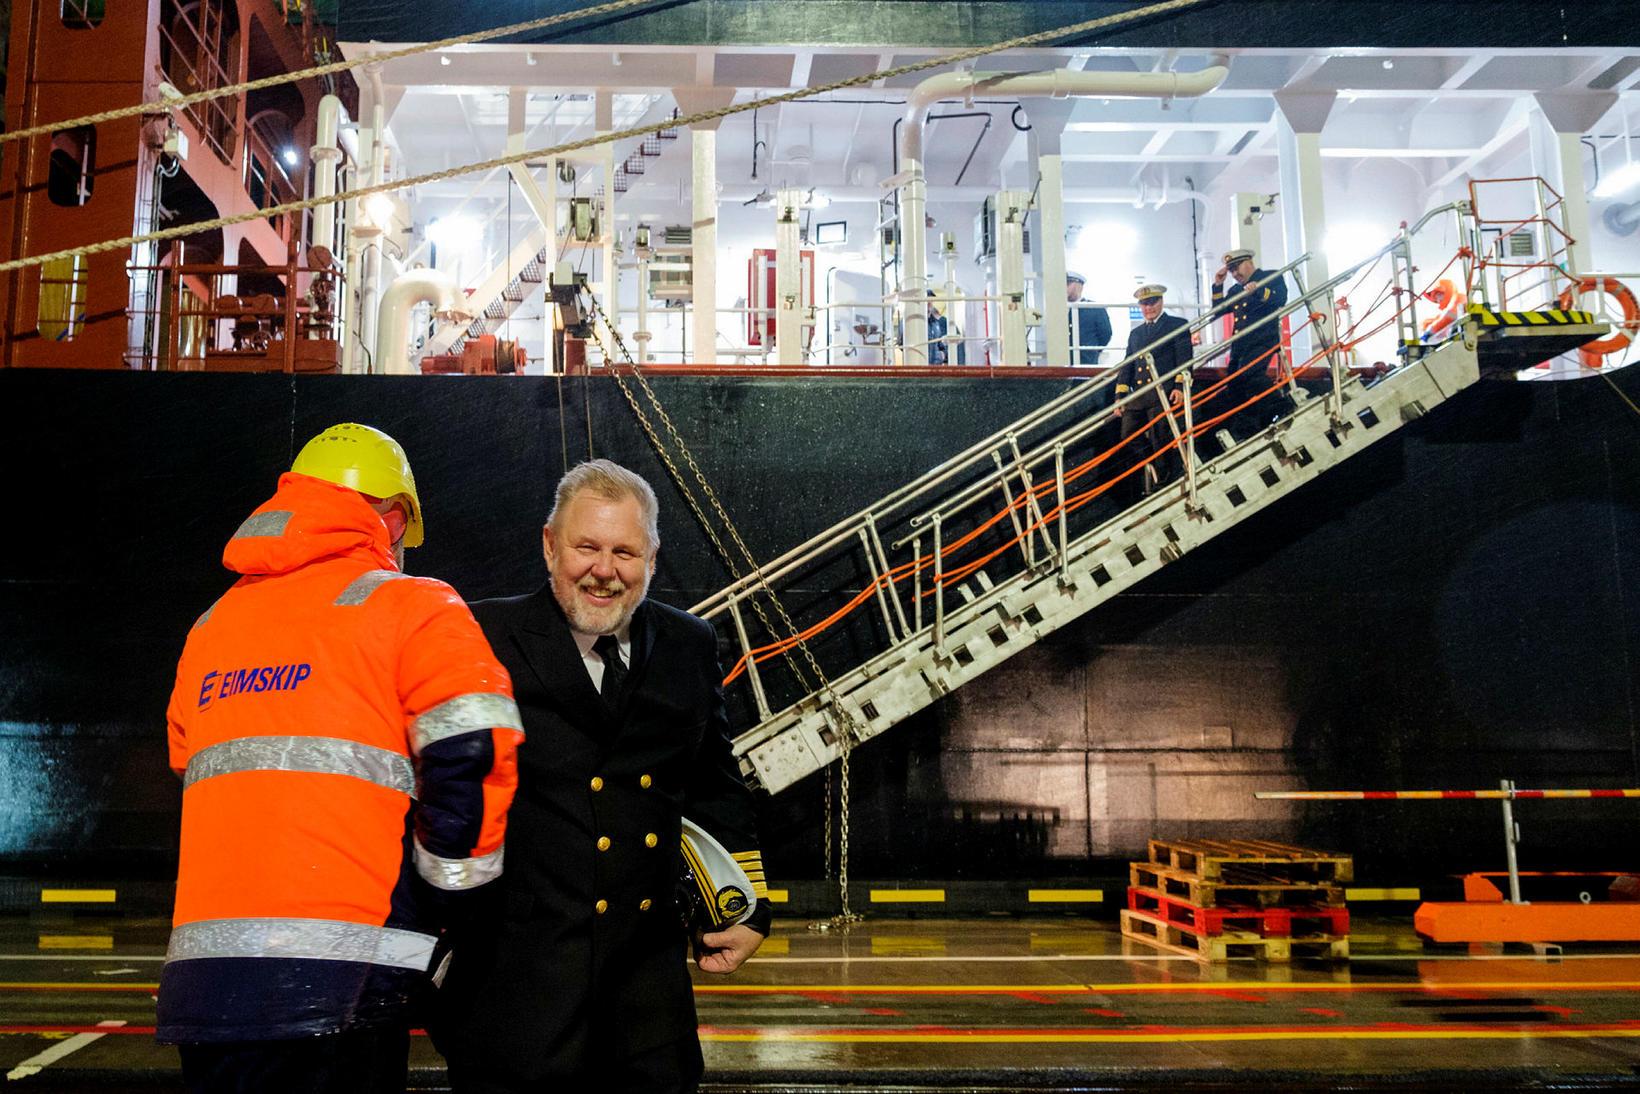 Karl Guðmundsson skipstjóri var glaður að sjá.